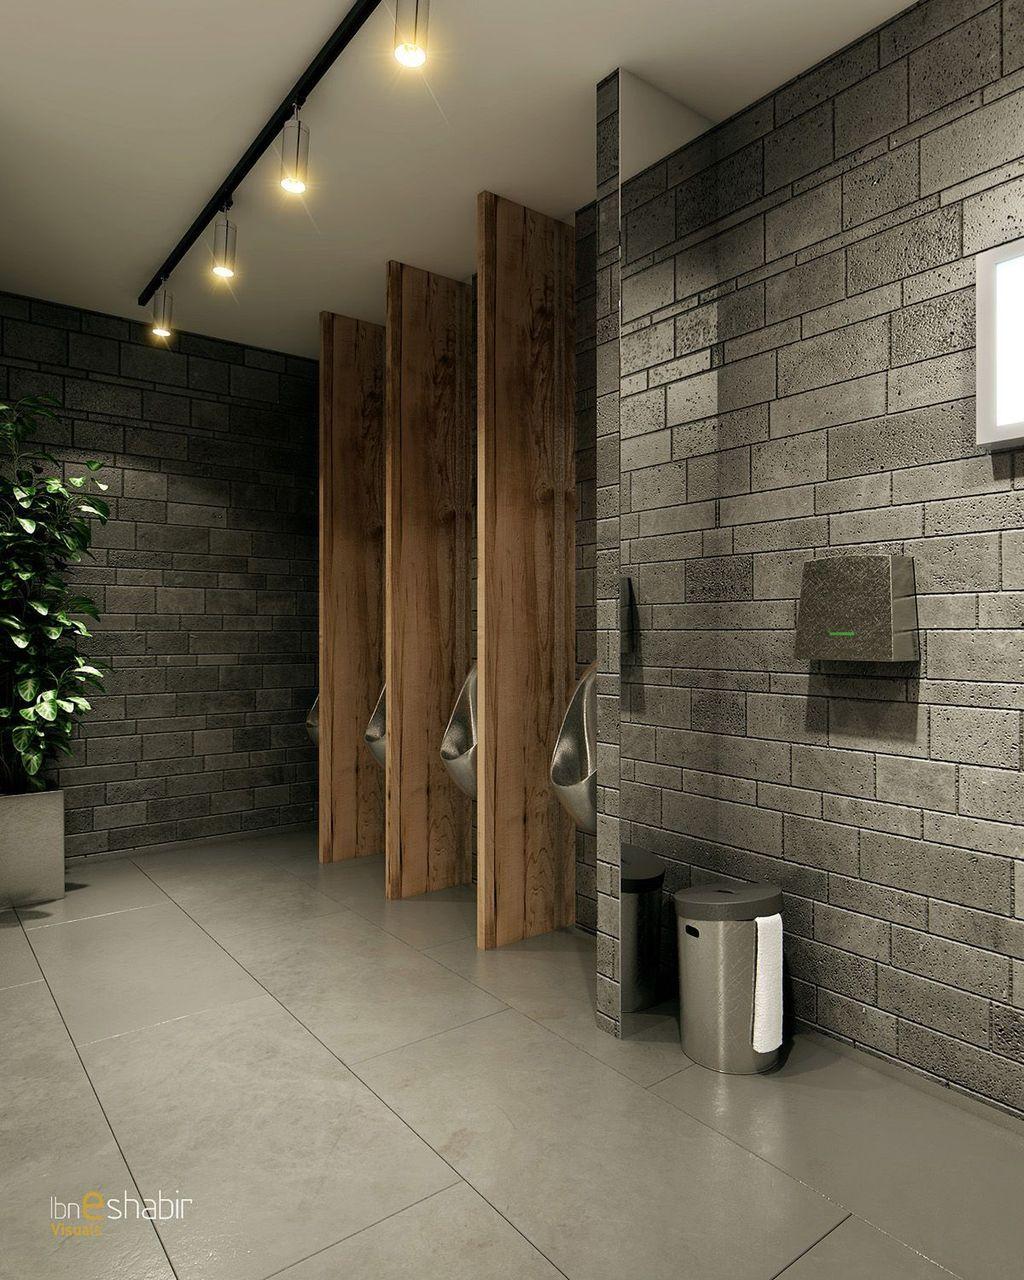 Room Lighting Design Software: 42 Elegant Public Bathroom Design Ideas That Looks